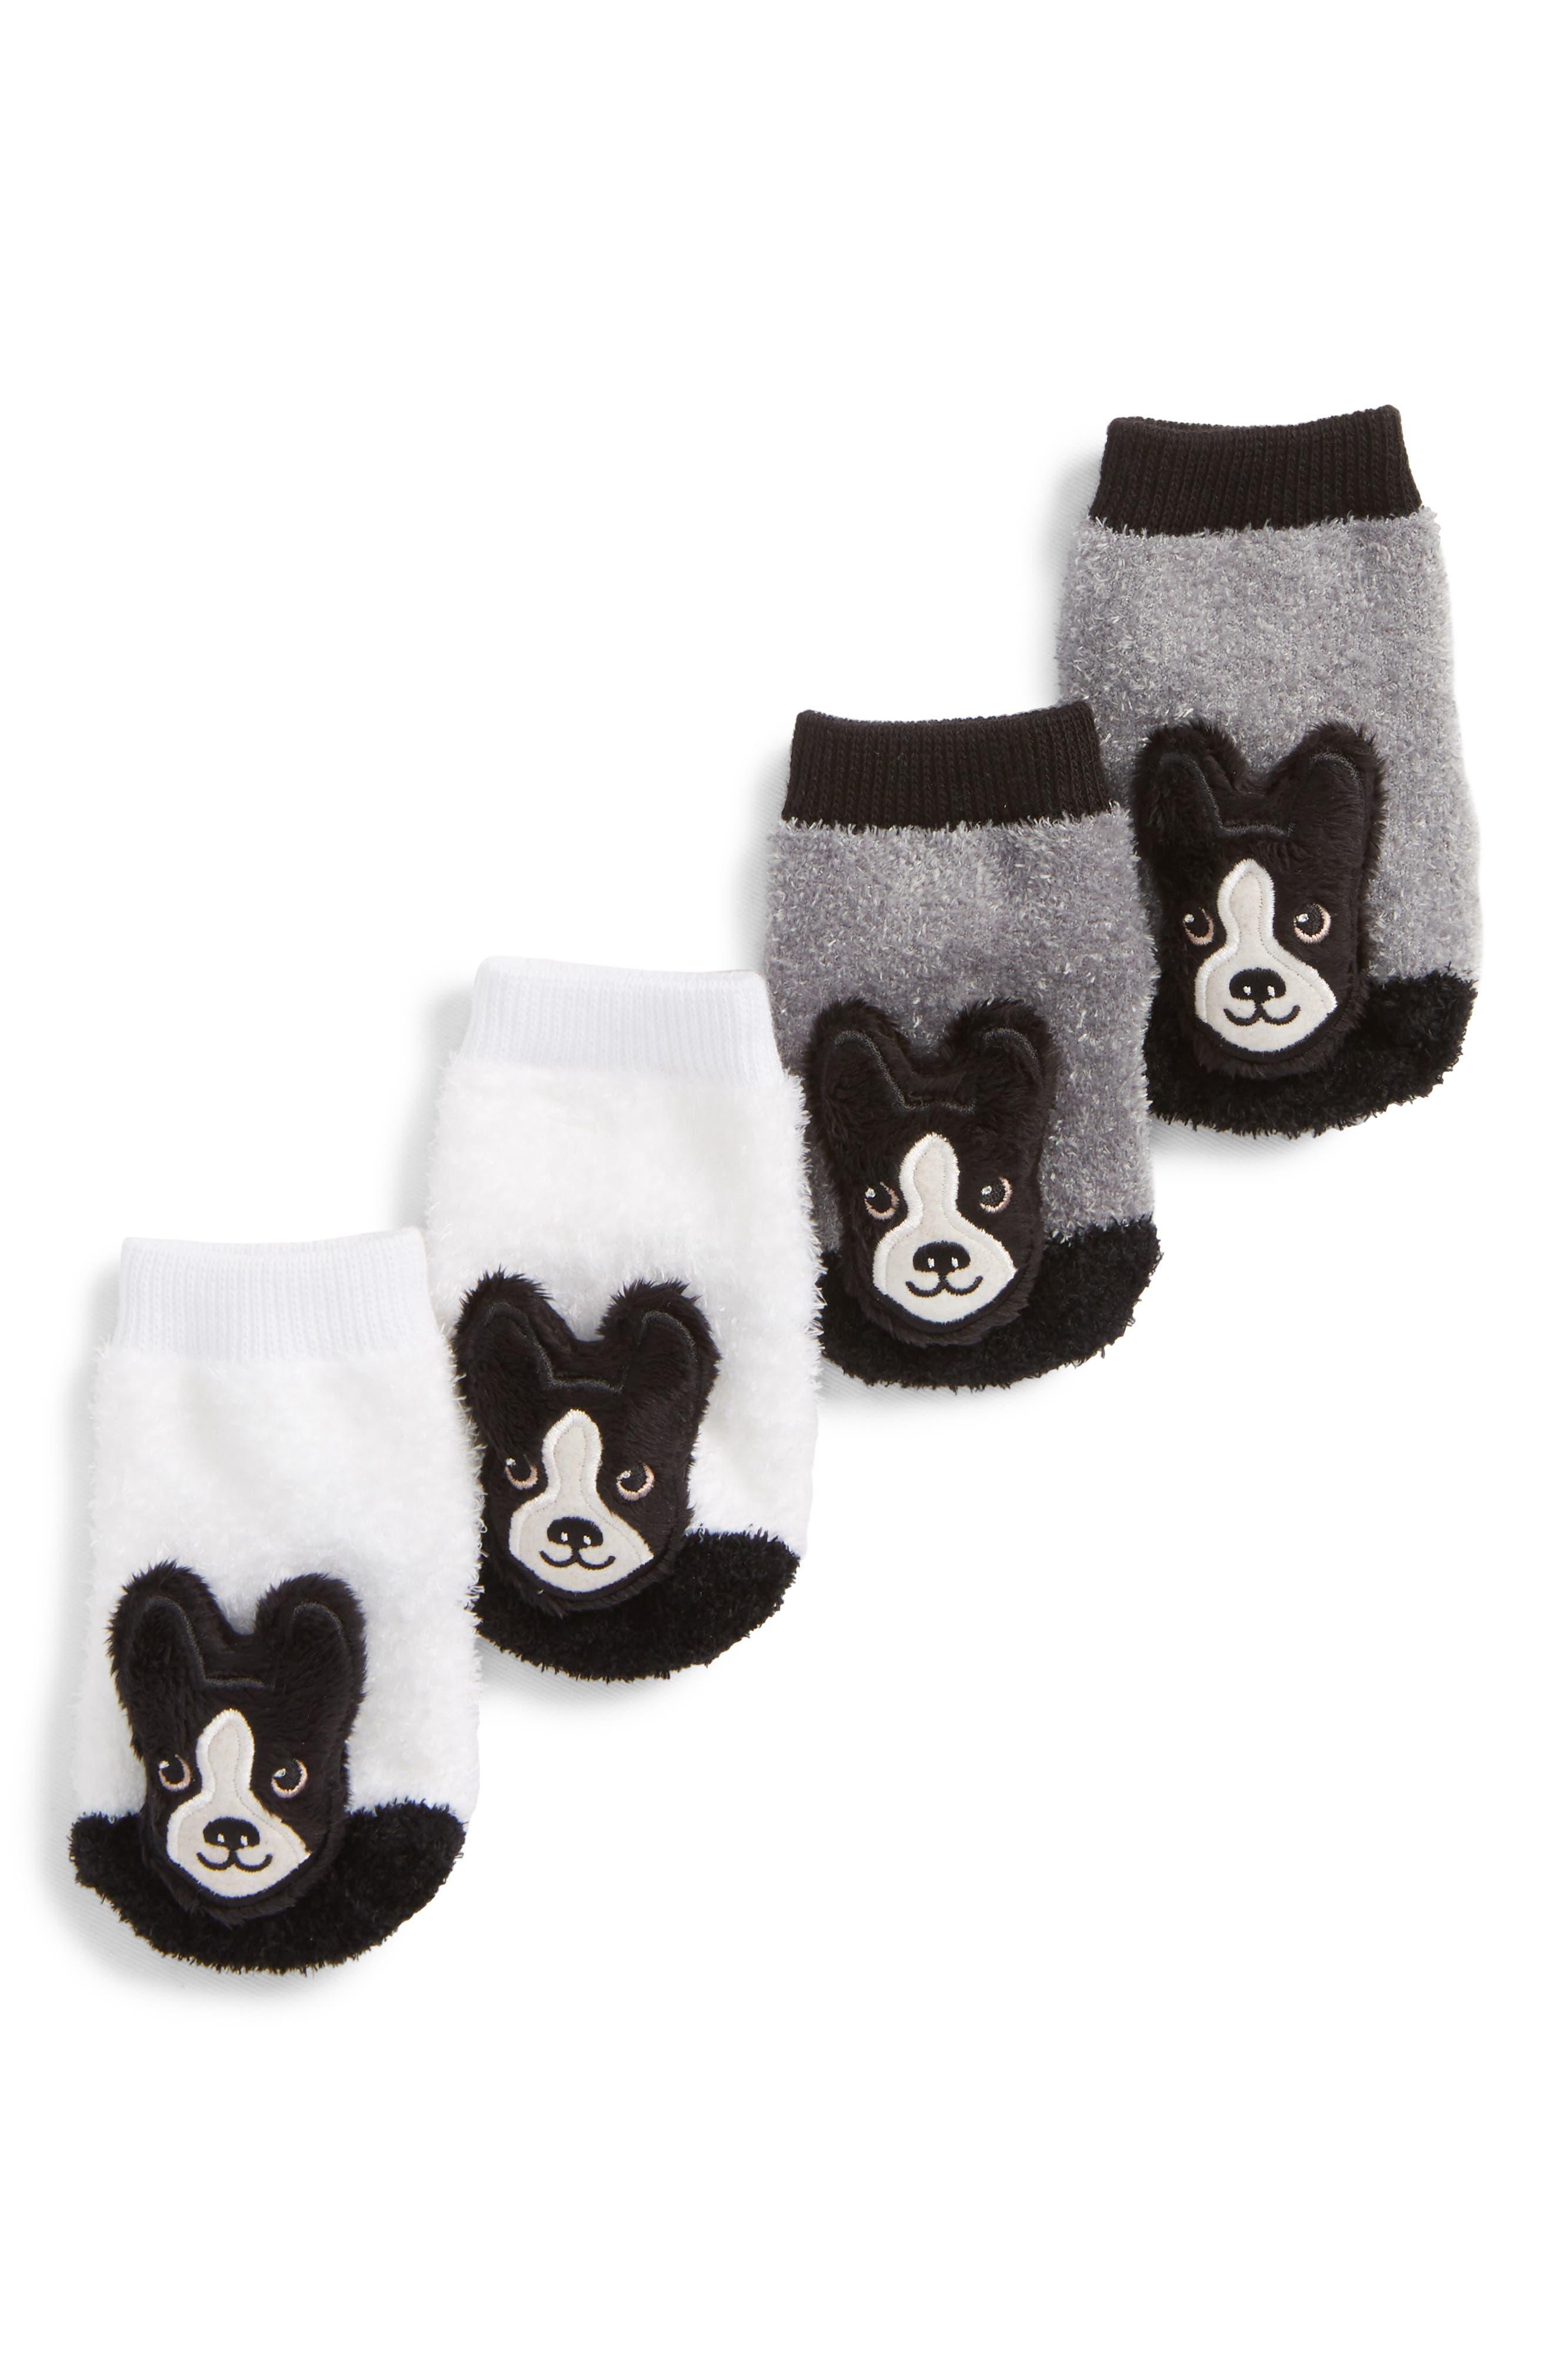 2-Pack Boston Terrier Rattle Socks,                             Main thumbnail 1, color,                             BLACK/ WHITE